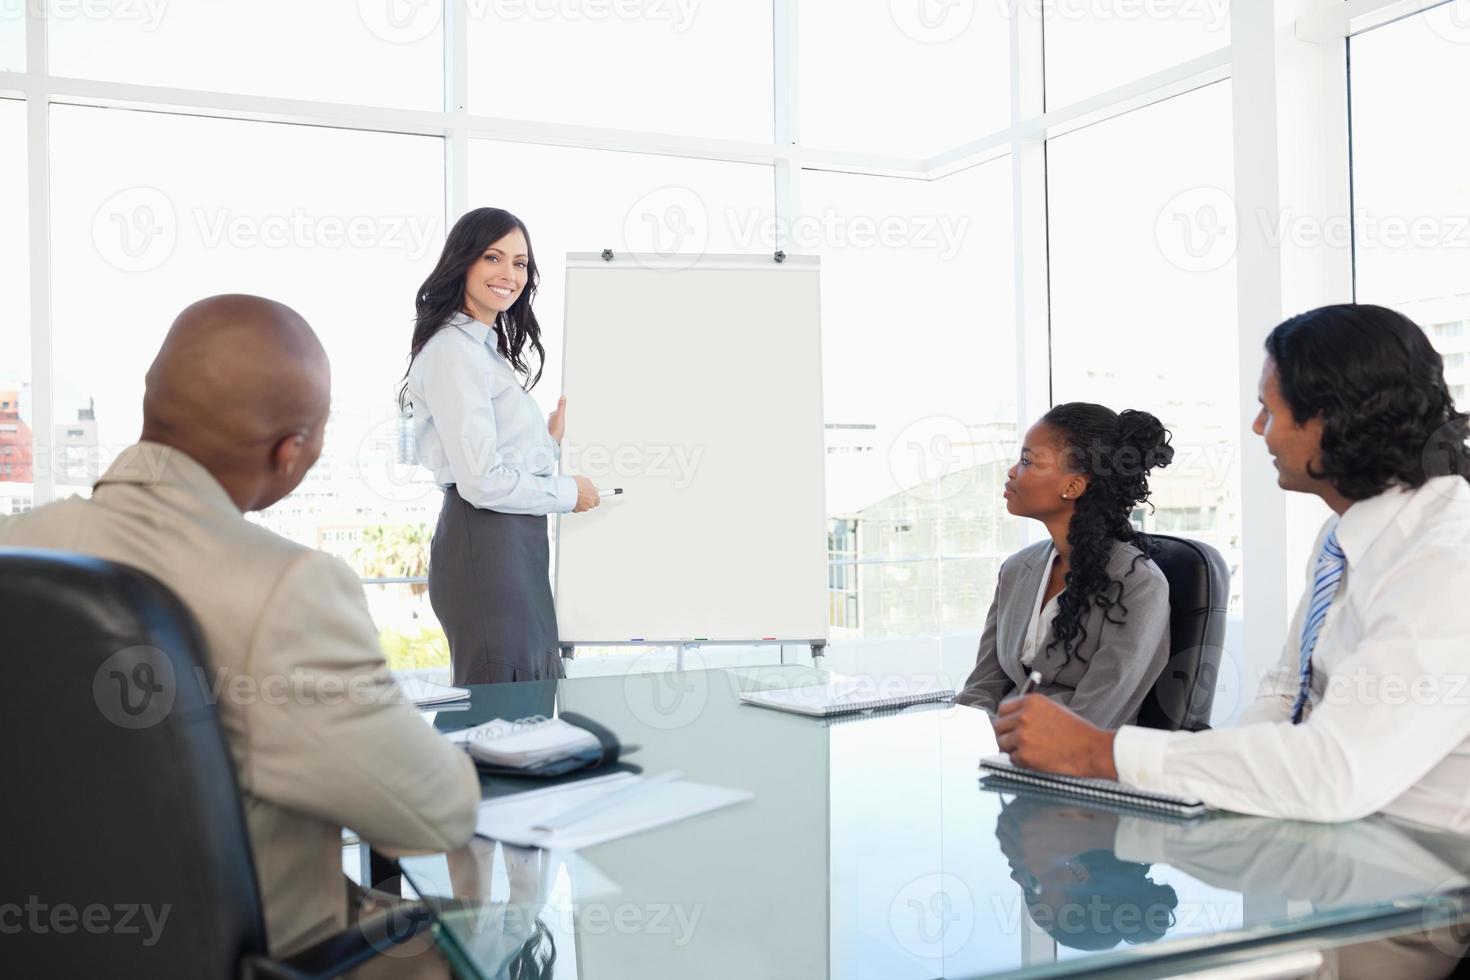 empresária dando uma apresentação enquanto seus colegas de trabalho estão ouvindo ela foto